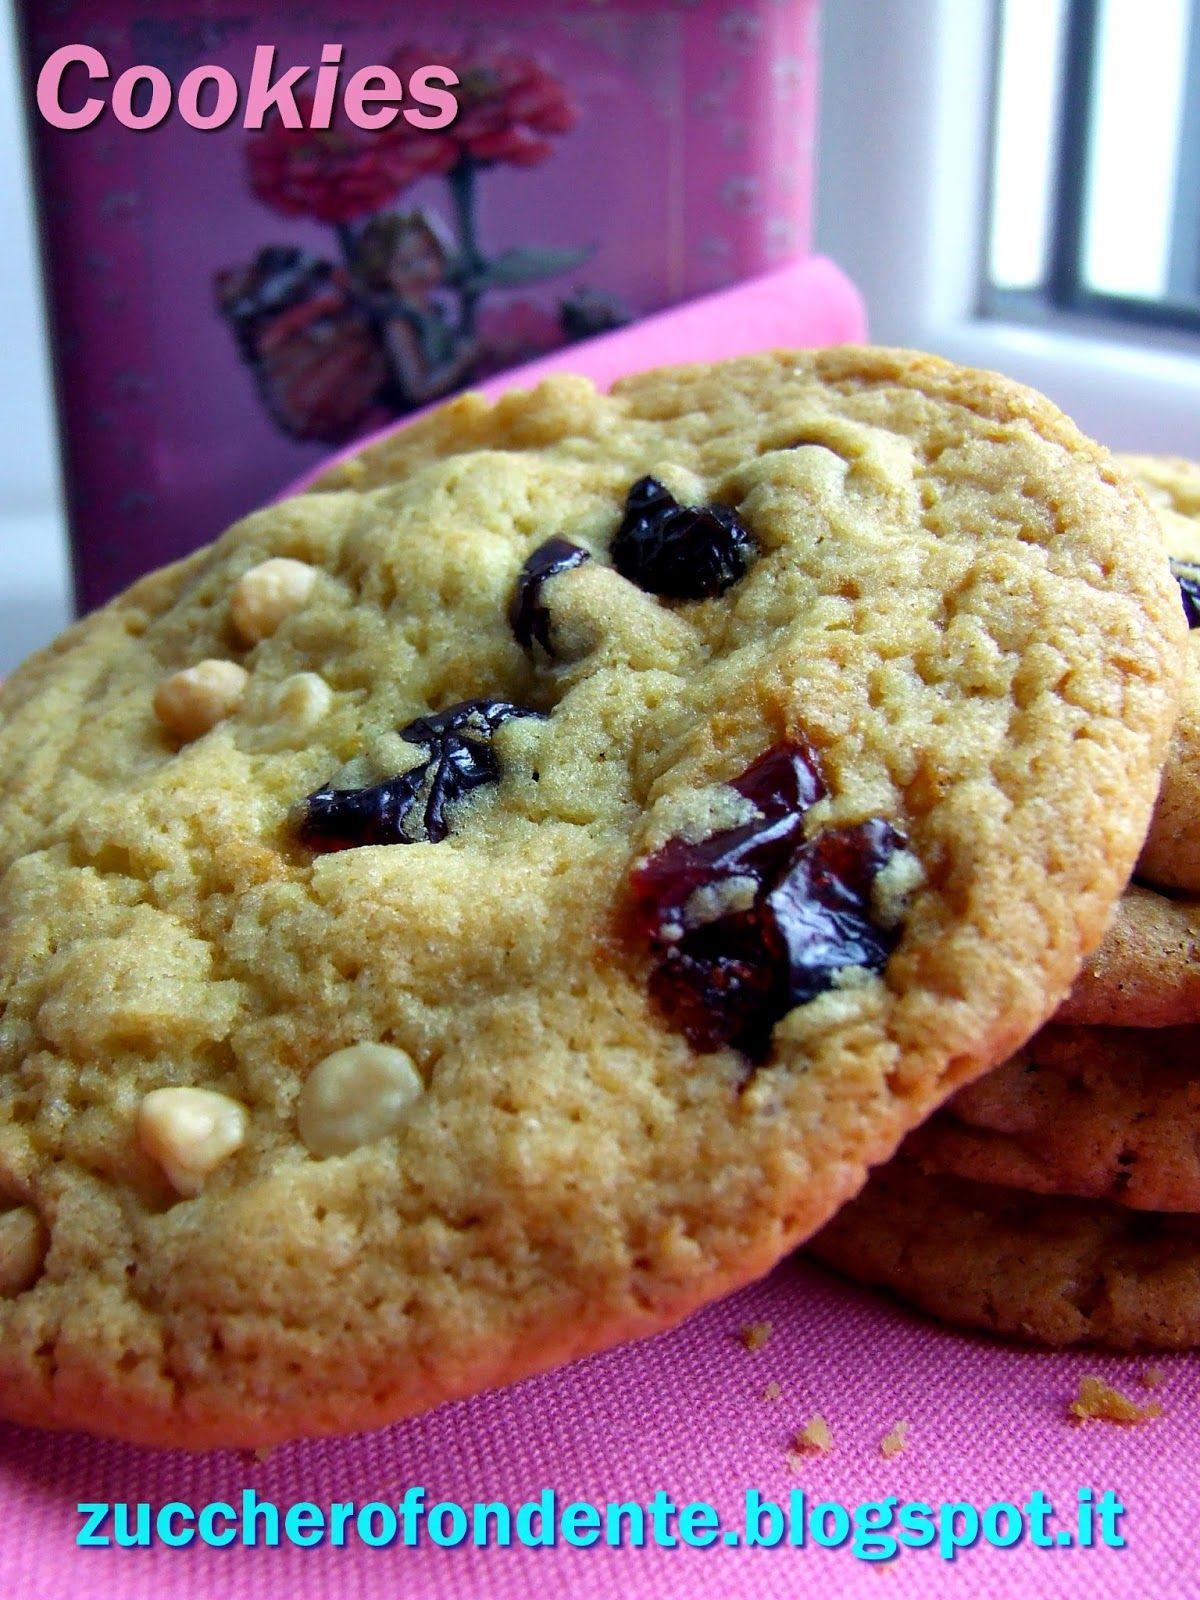 Ricetta Cookies Cioccolato Bianco E Mirtilli.Cookies Con Gocce Di Cioccolato Bianco E Mirtilli Rossi Cioccolato Bianco Gocce Di Cioccolato Cioccolato